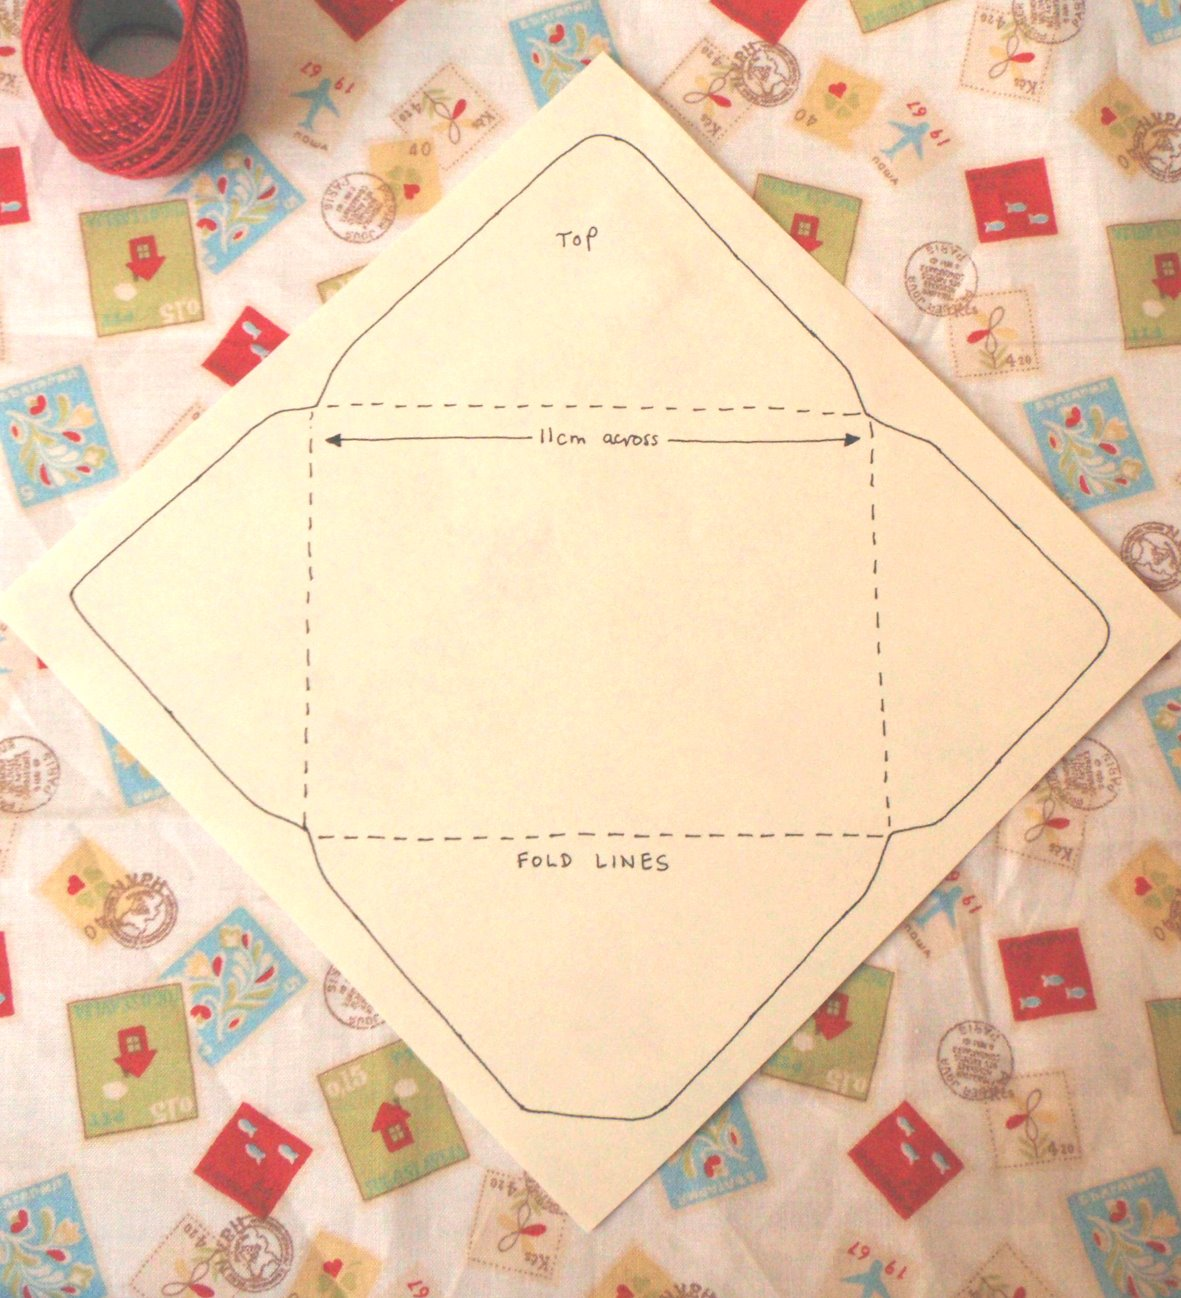 Оригинальный конверт для письма своими руками